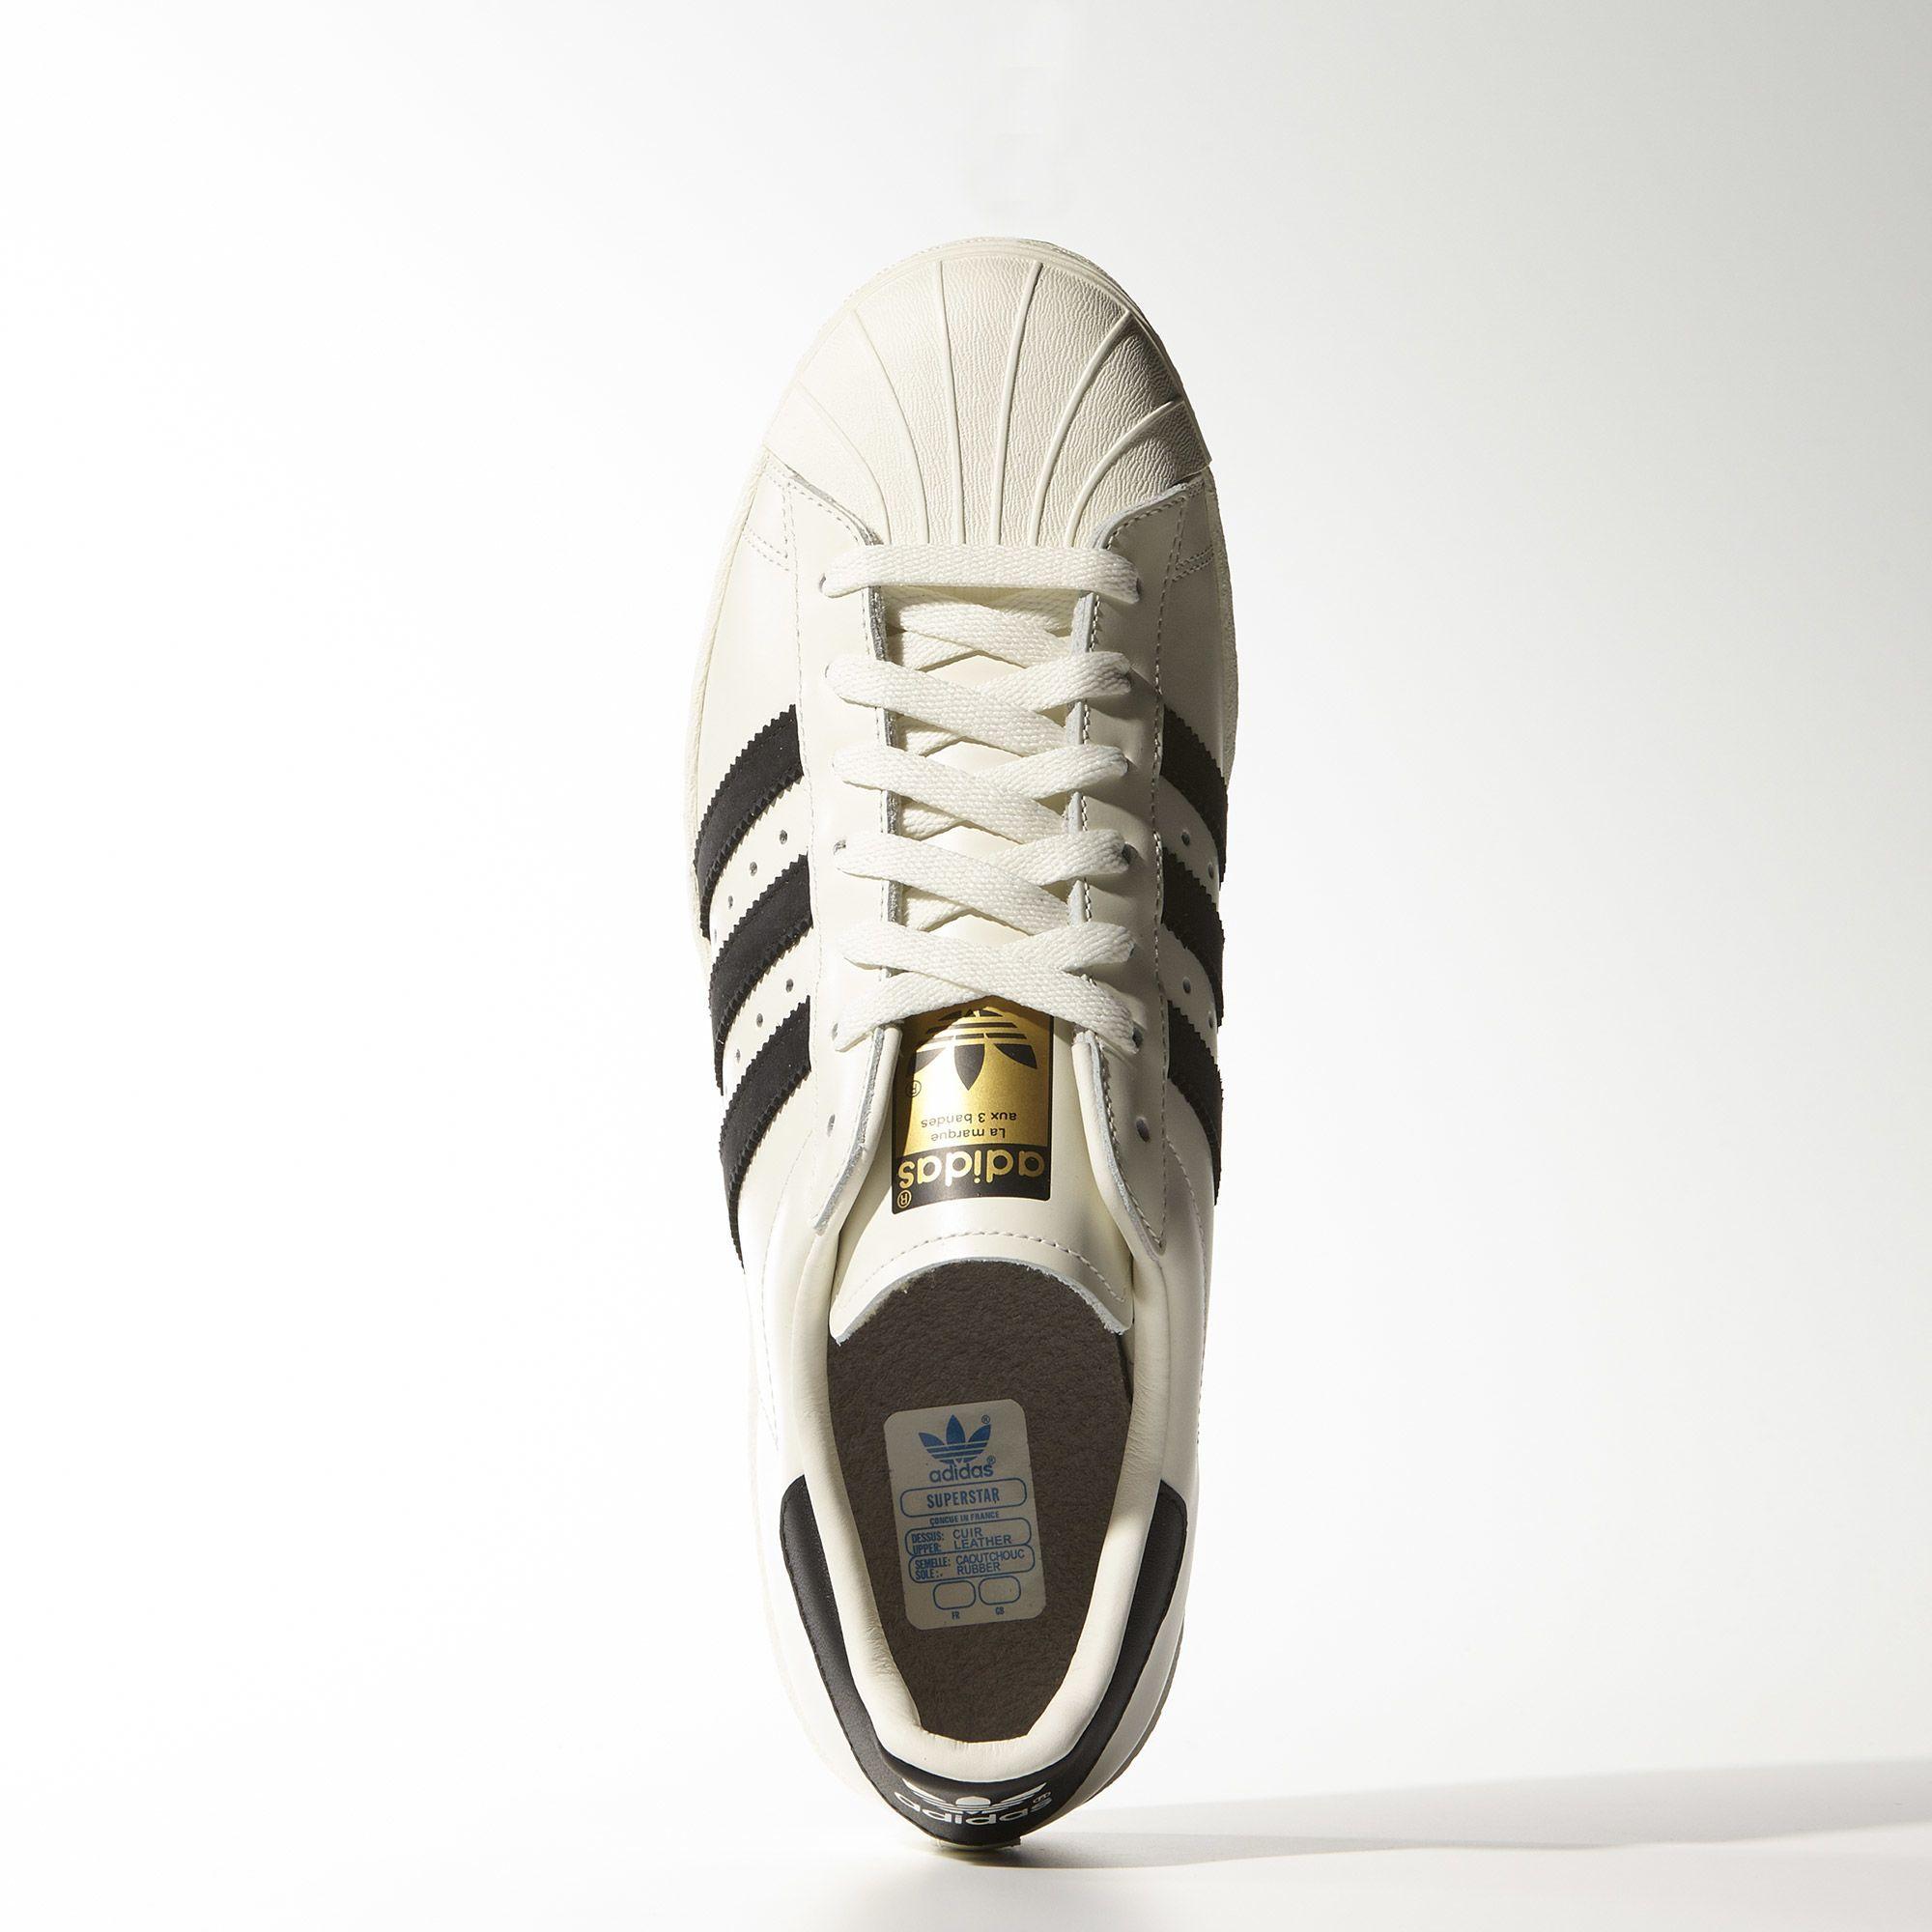 Adidas Superstar 80 Vintage Deluxe zapatos comprar ahora Pinterest